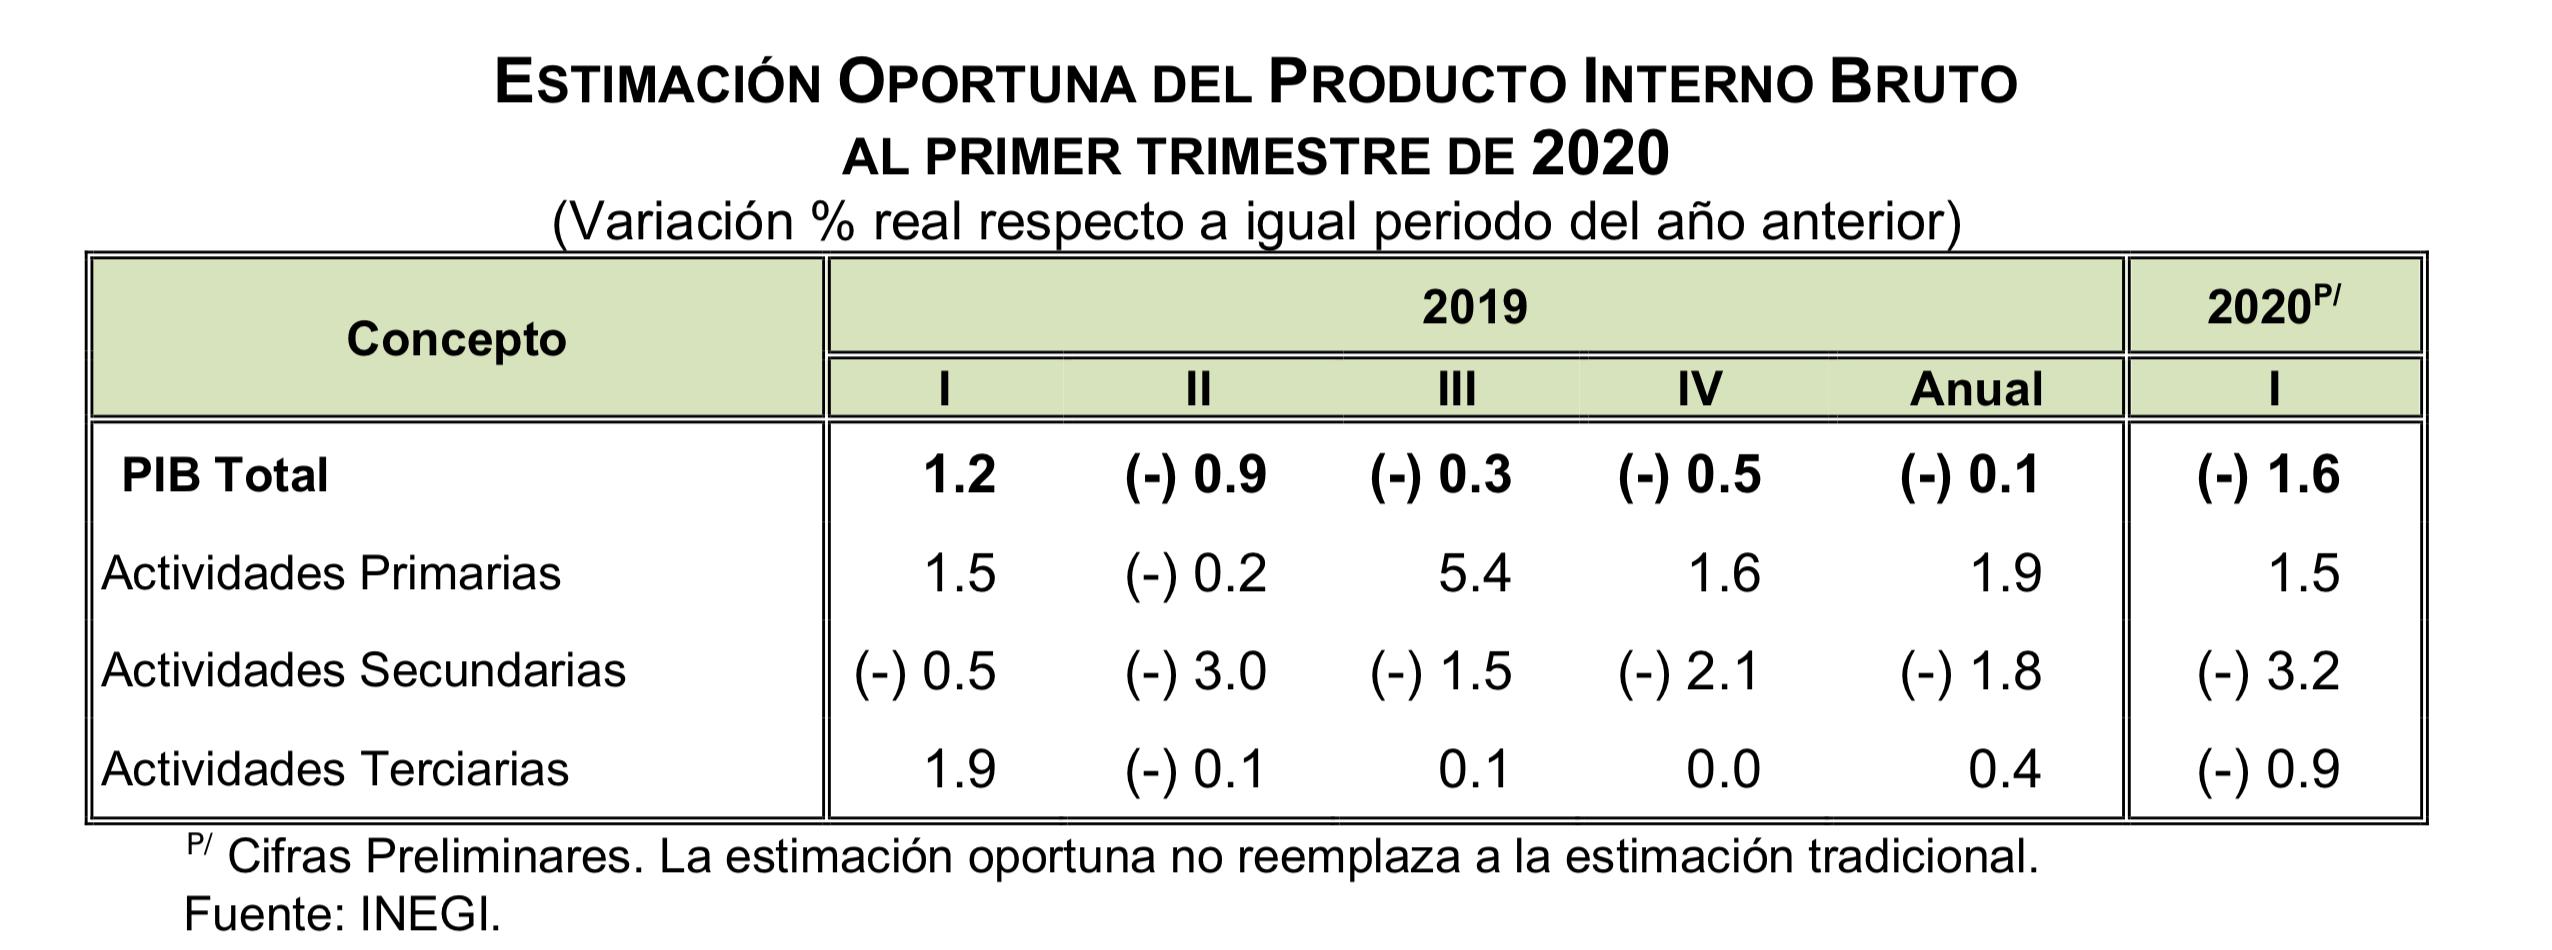 los resultados originales de la Estimación Oportuna del PIB trimestral por actividad: Gráfico de INEGI.